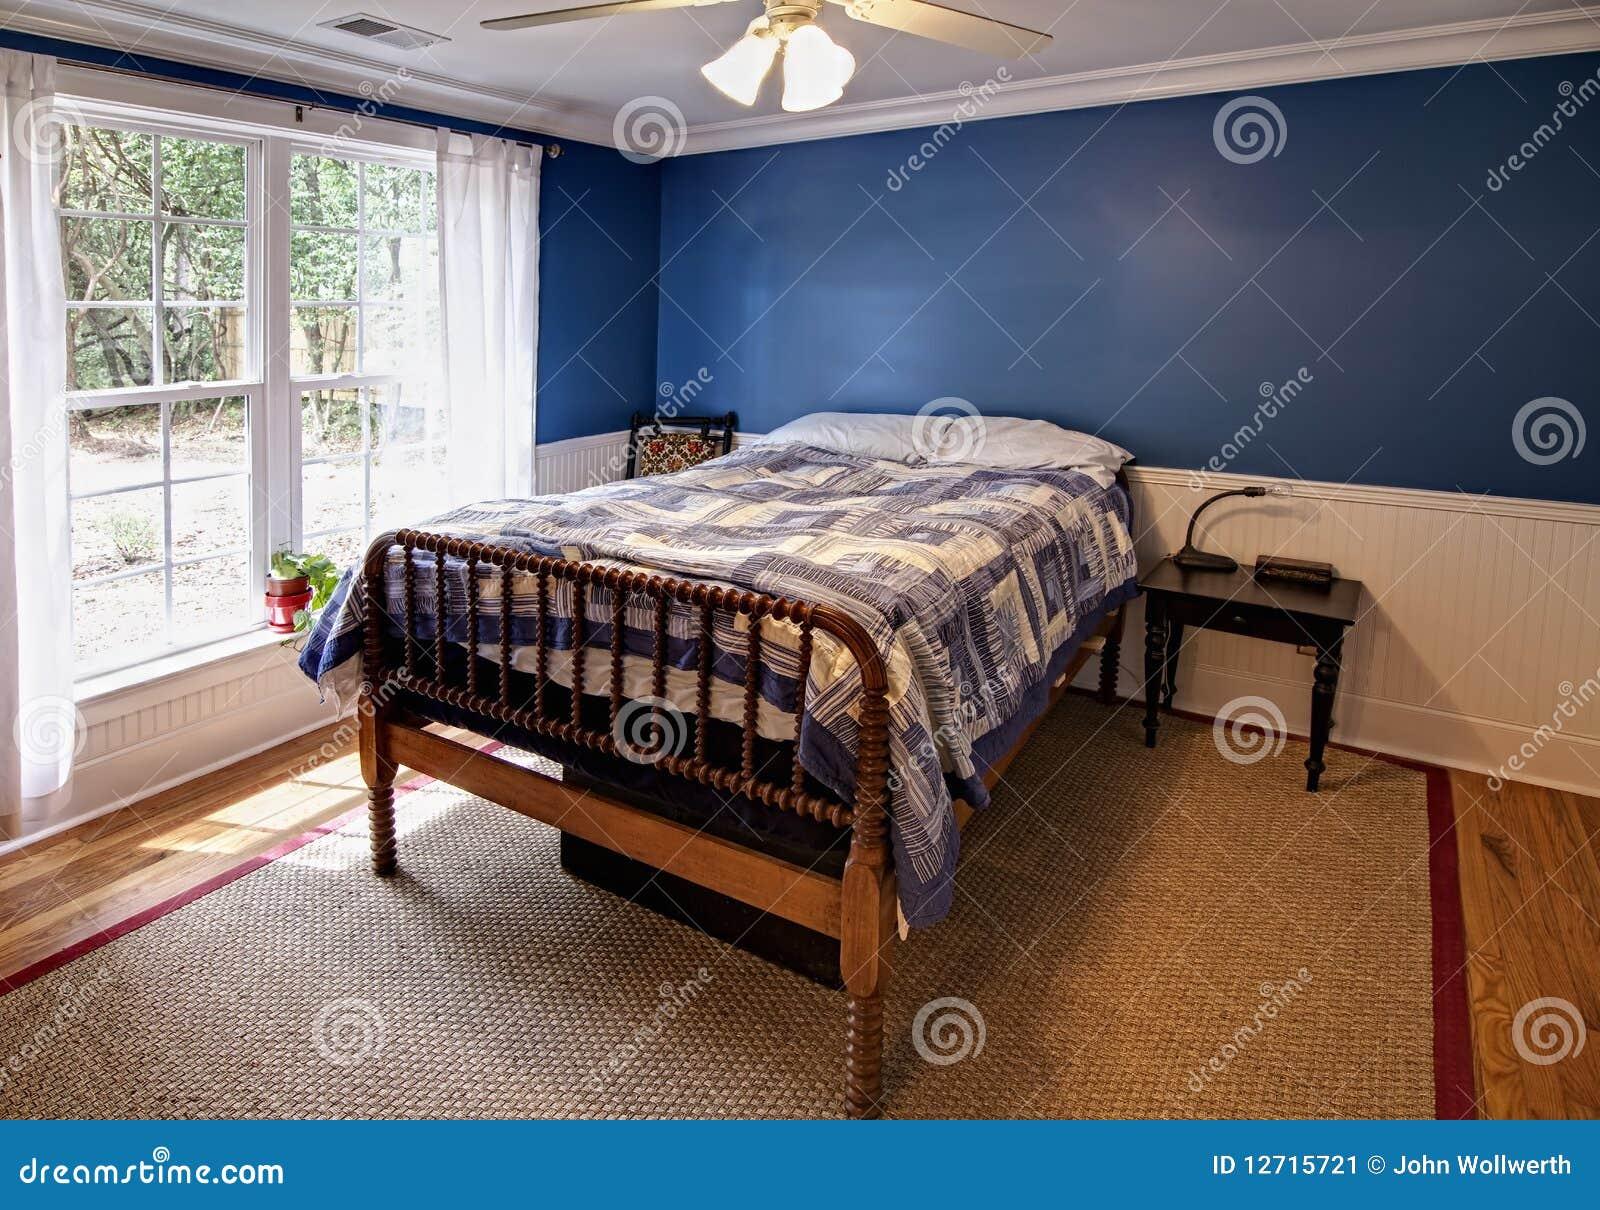 Blauwe Slaapkamer Stock Afbeelding - Afbeelding: 12715721